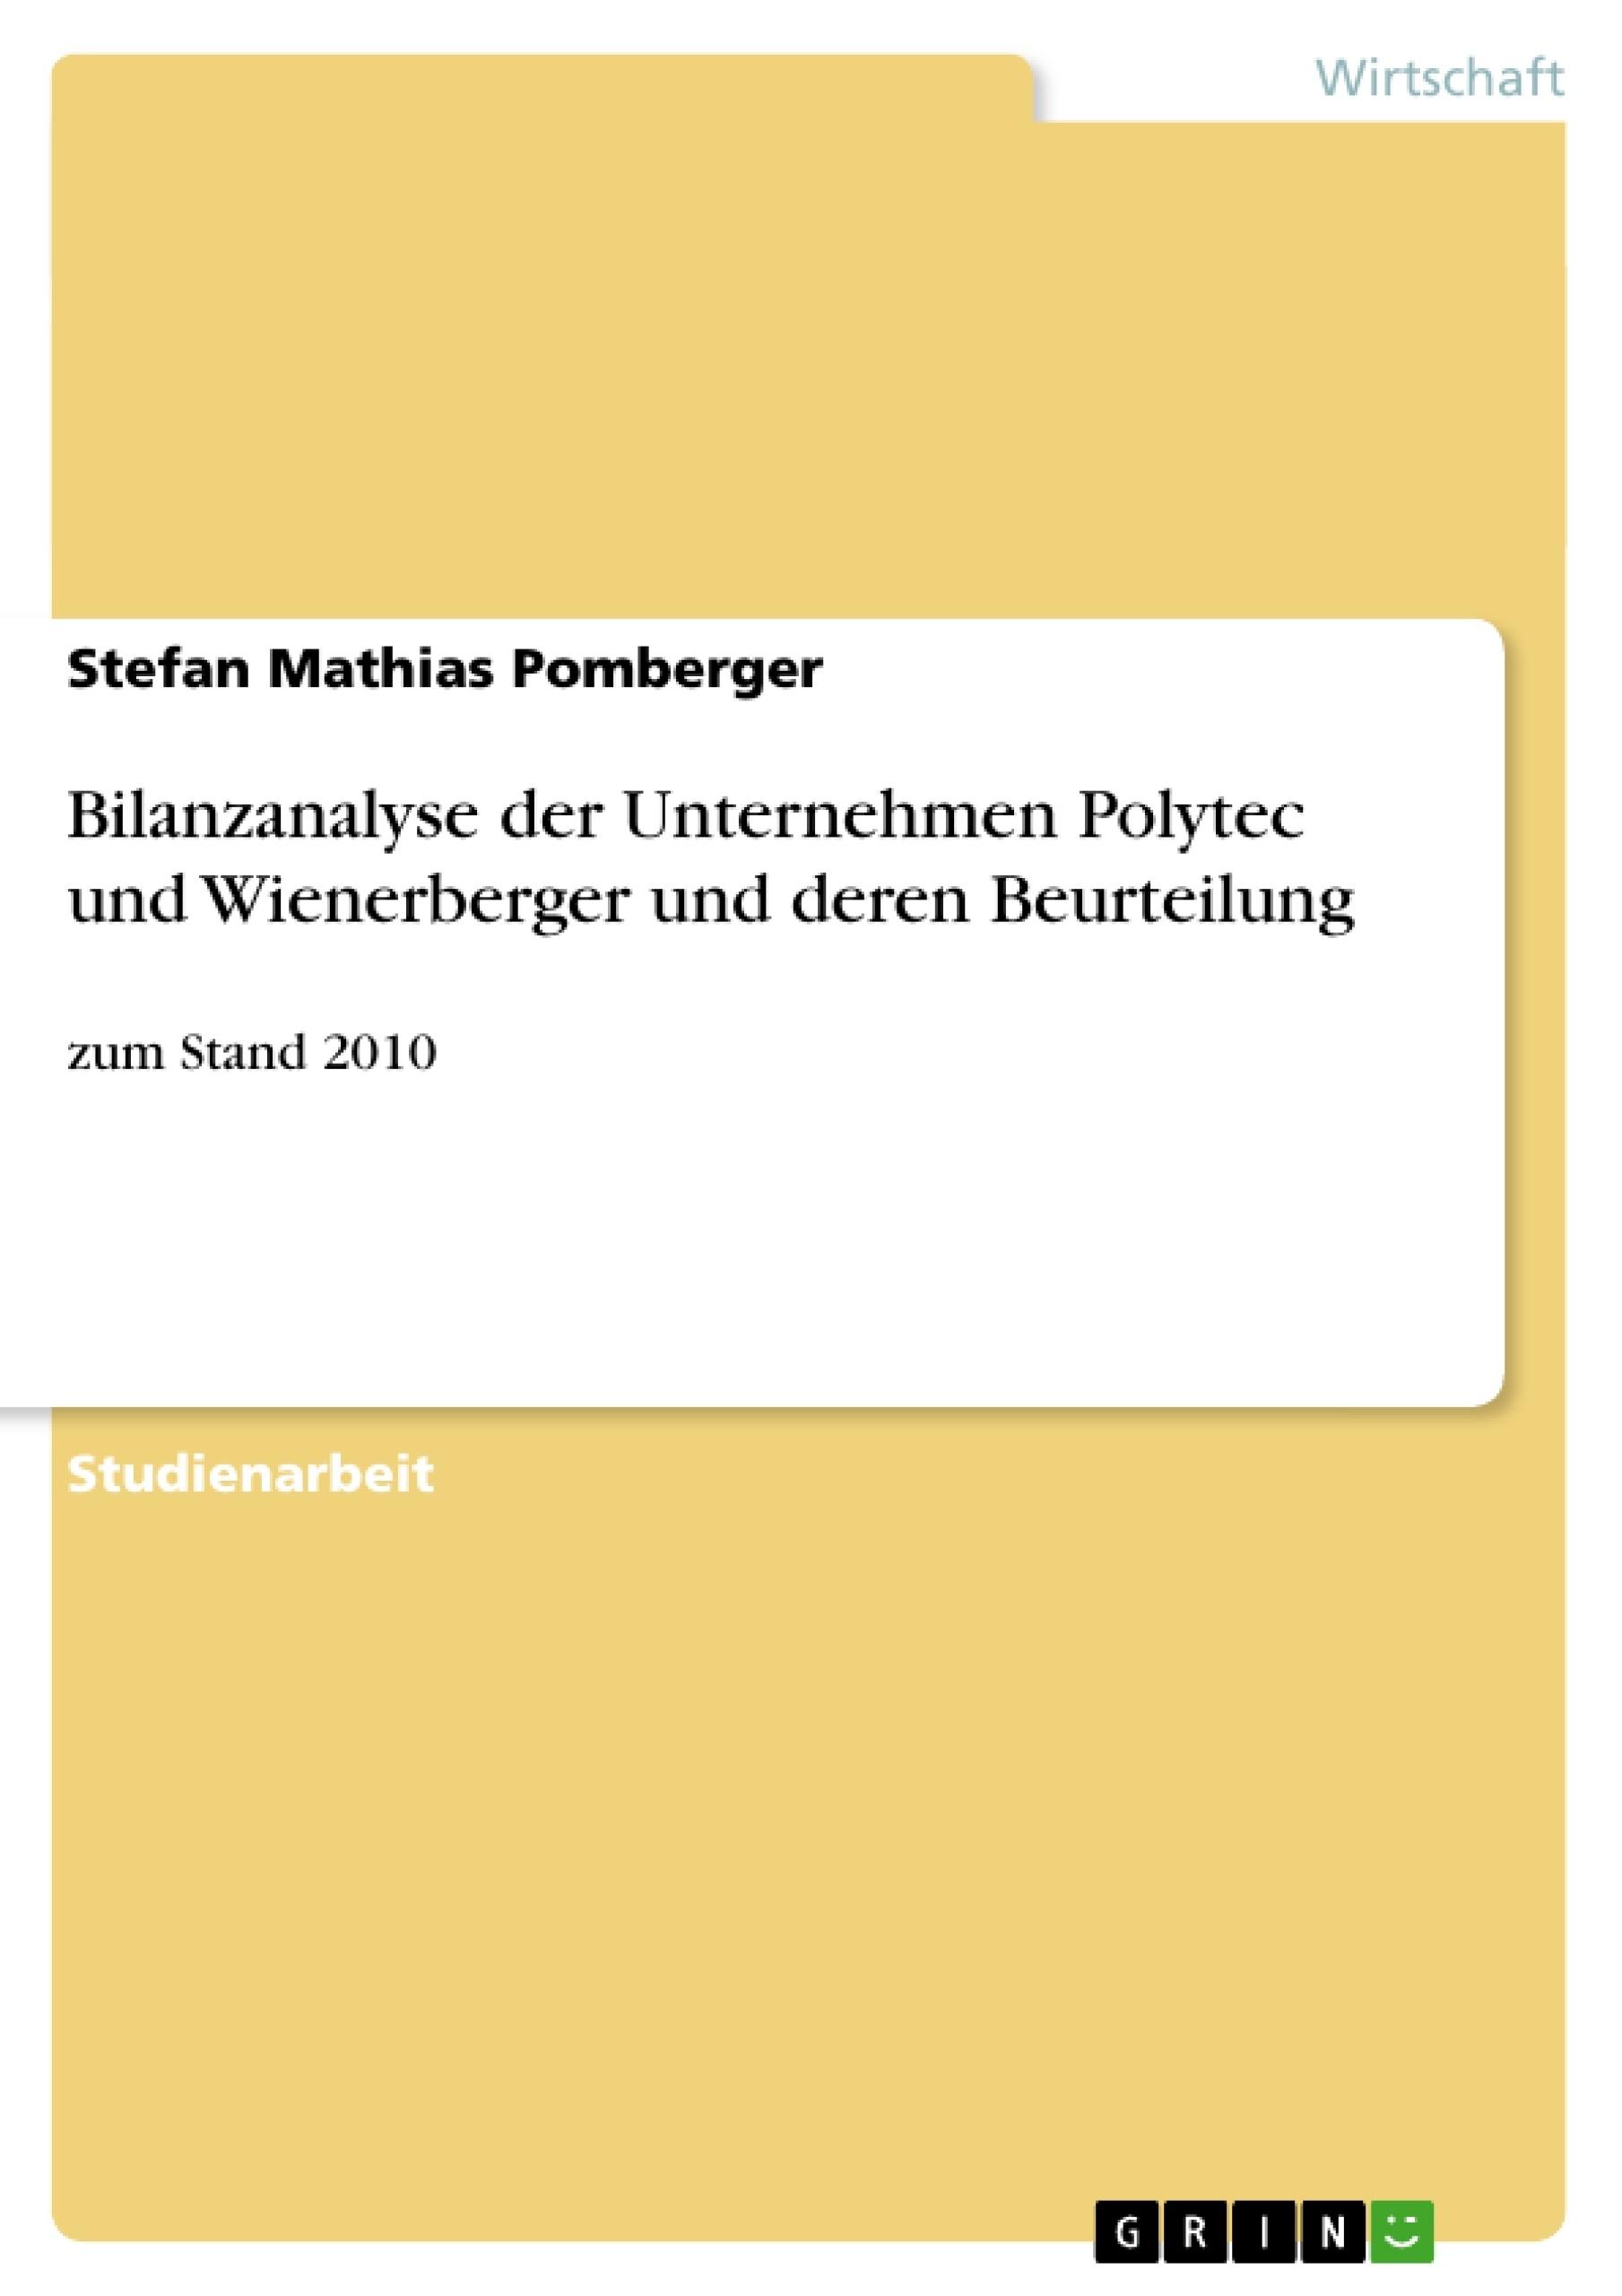 Titel: Bilanzanalyse der Unternehmen Polytec und Wienerberger und deren Beurteilung